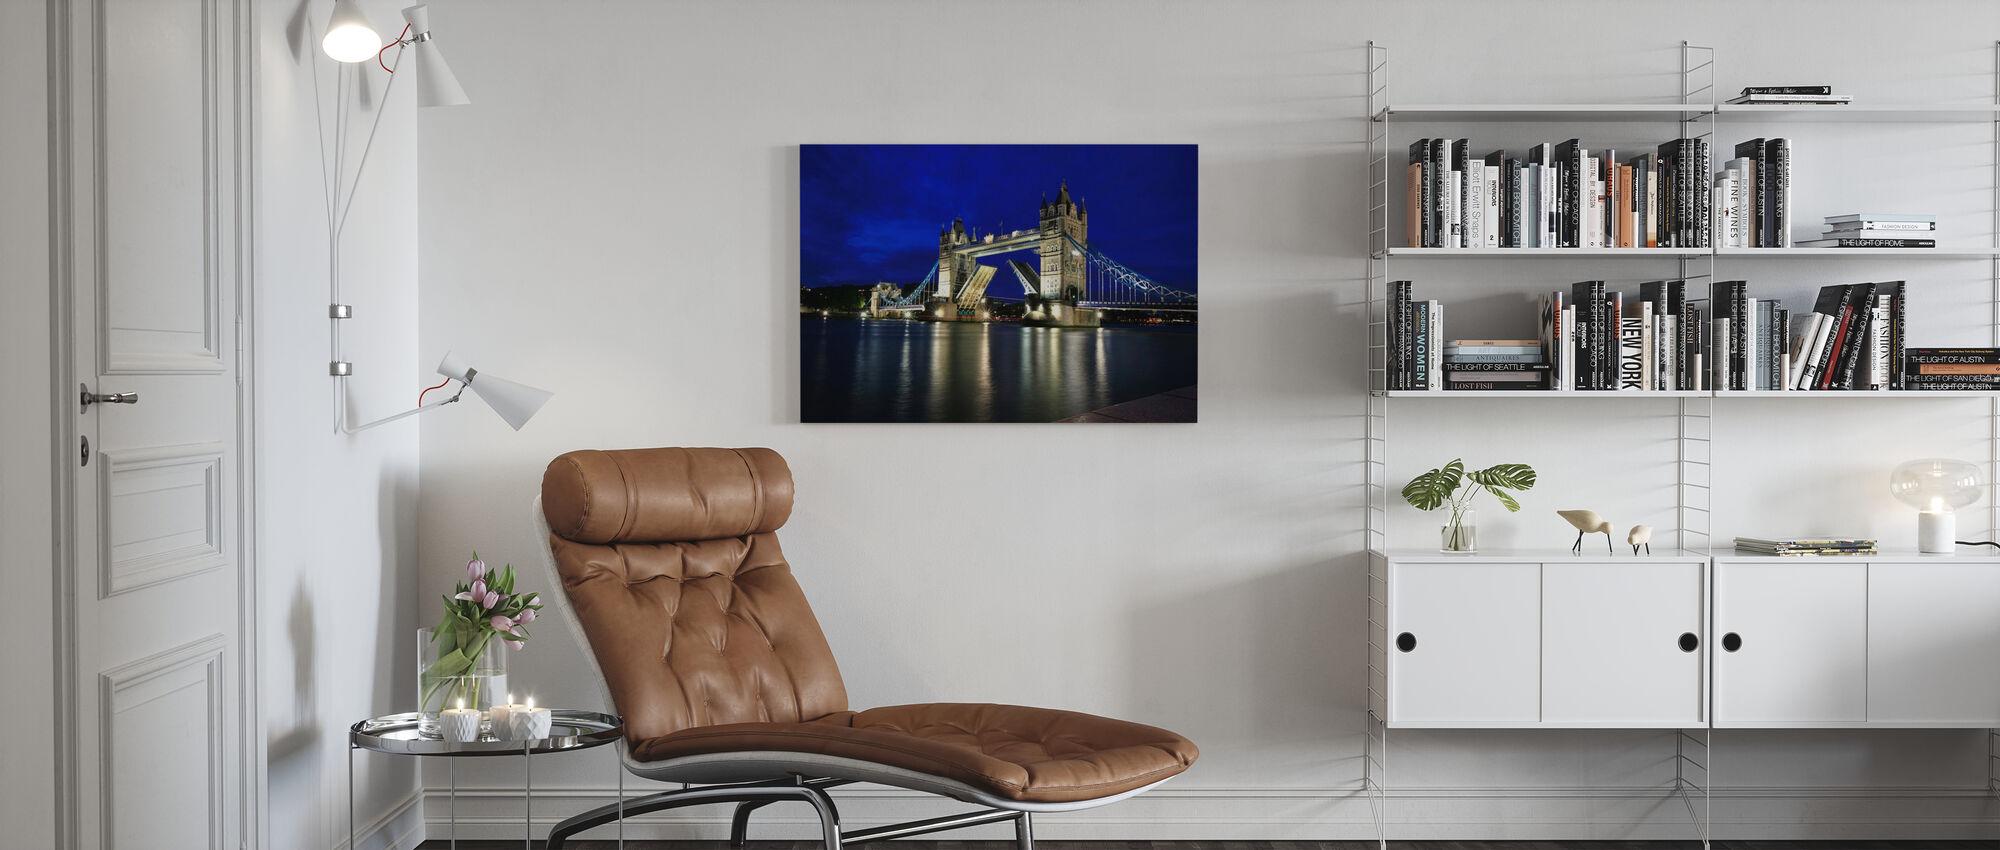 Tower Bridge bei Nacht - Leinwandbild - Wohnzimmer